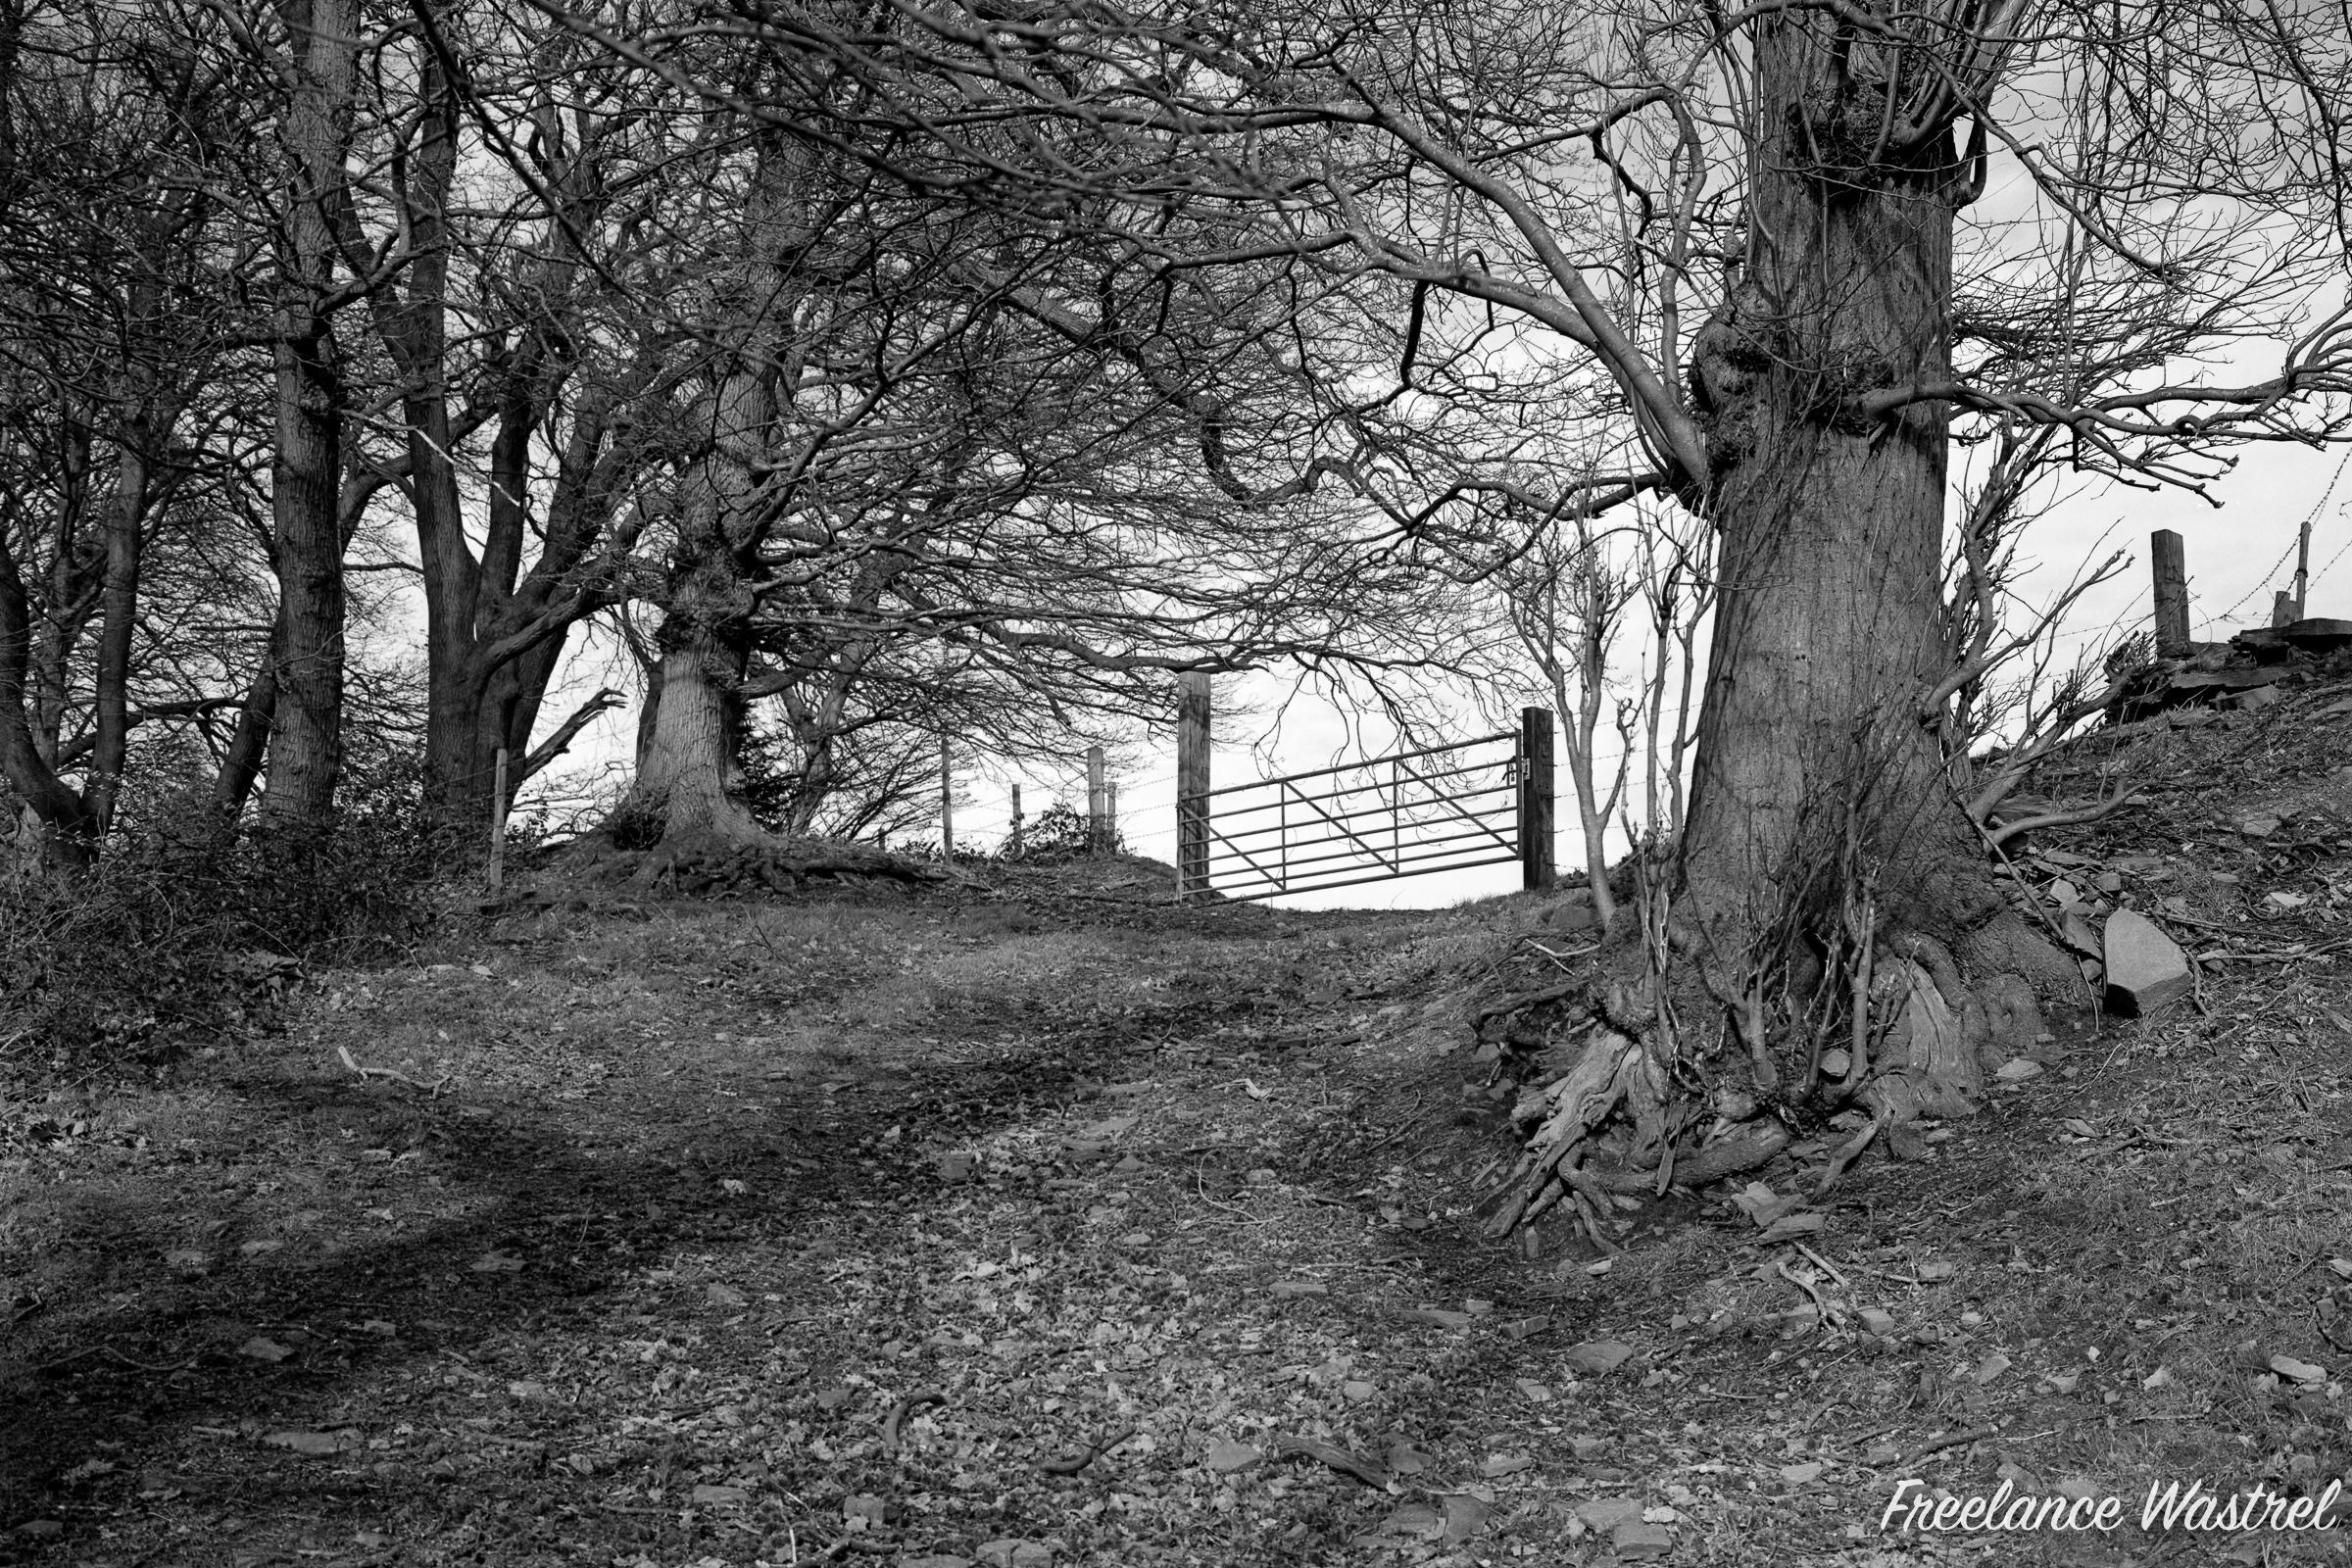 Green Wood, February 2020